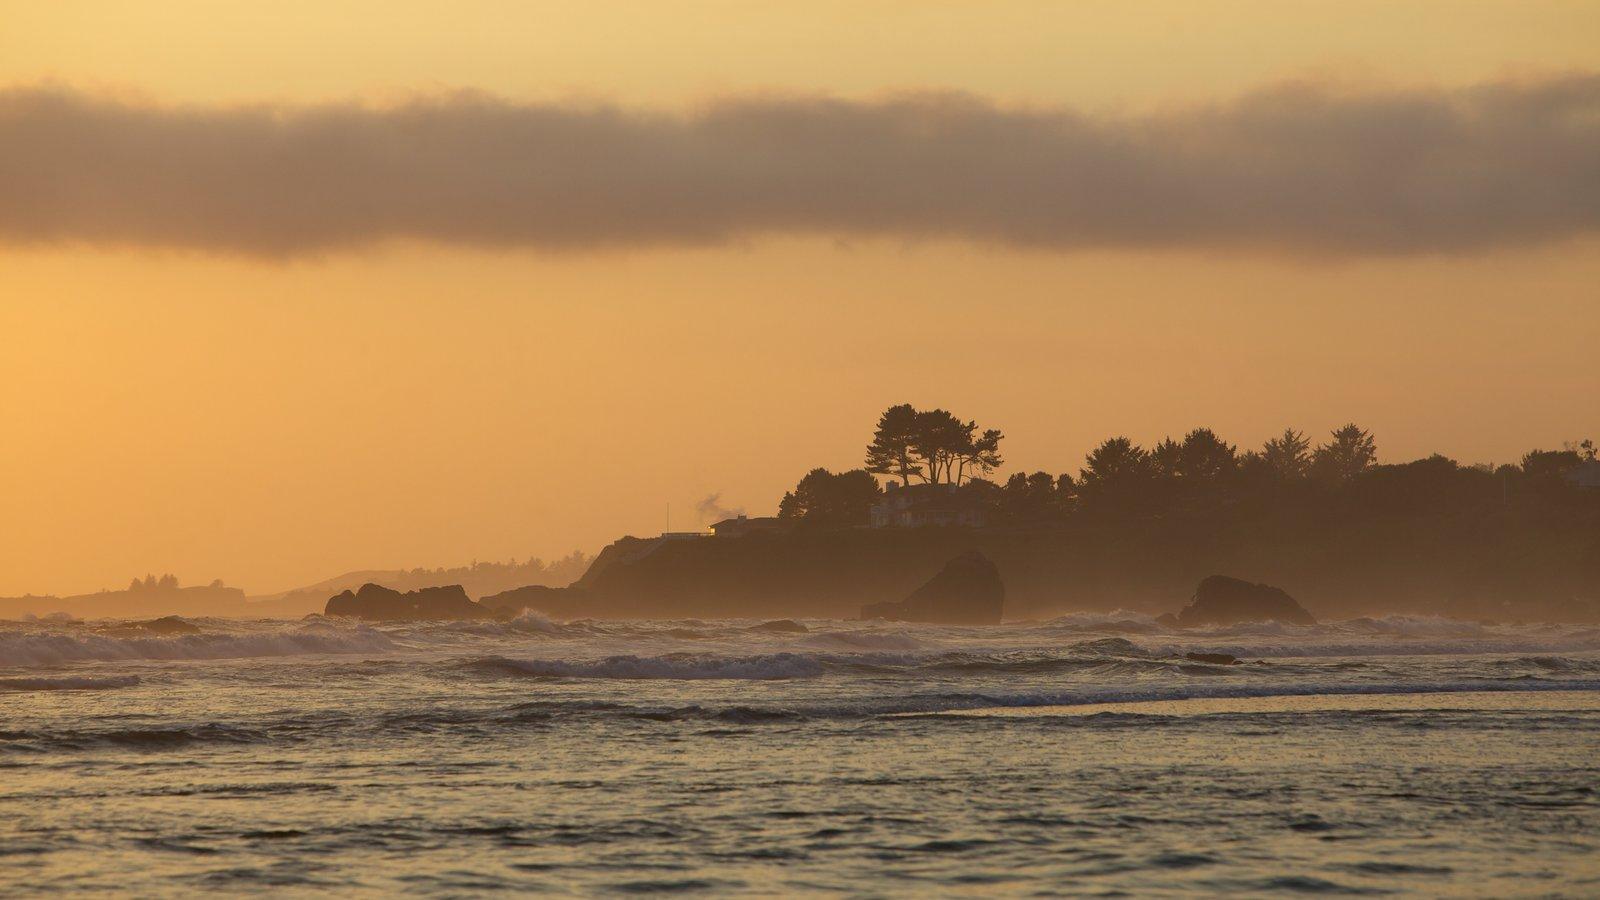 Costa de Oregón que incluye vistas generales de la costa, una puesta de sol y neblina o niebla